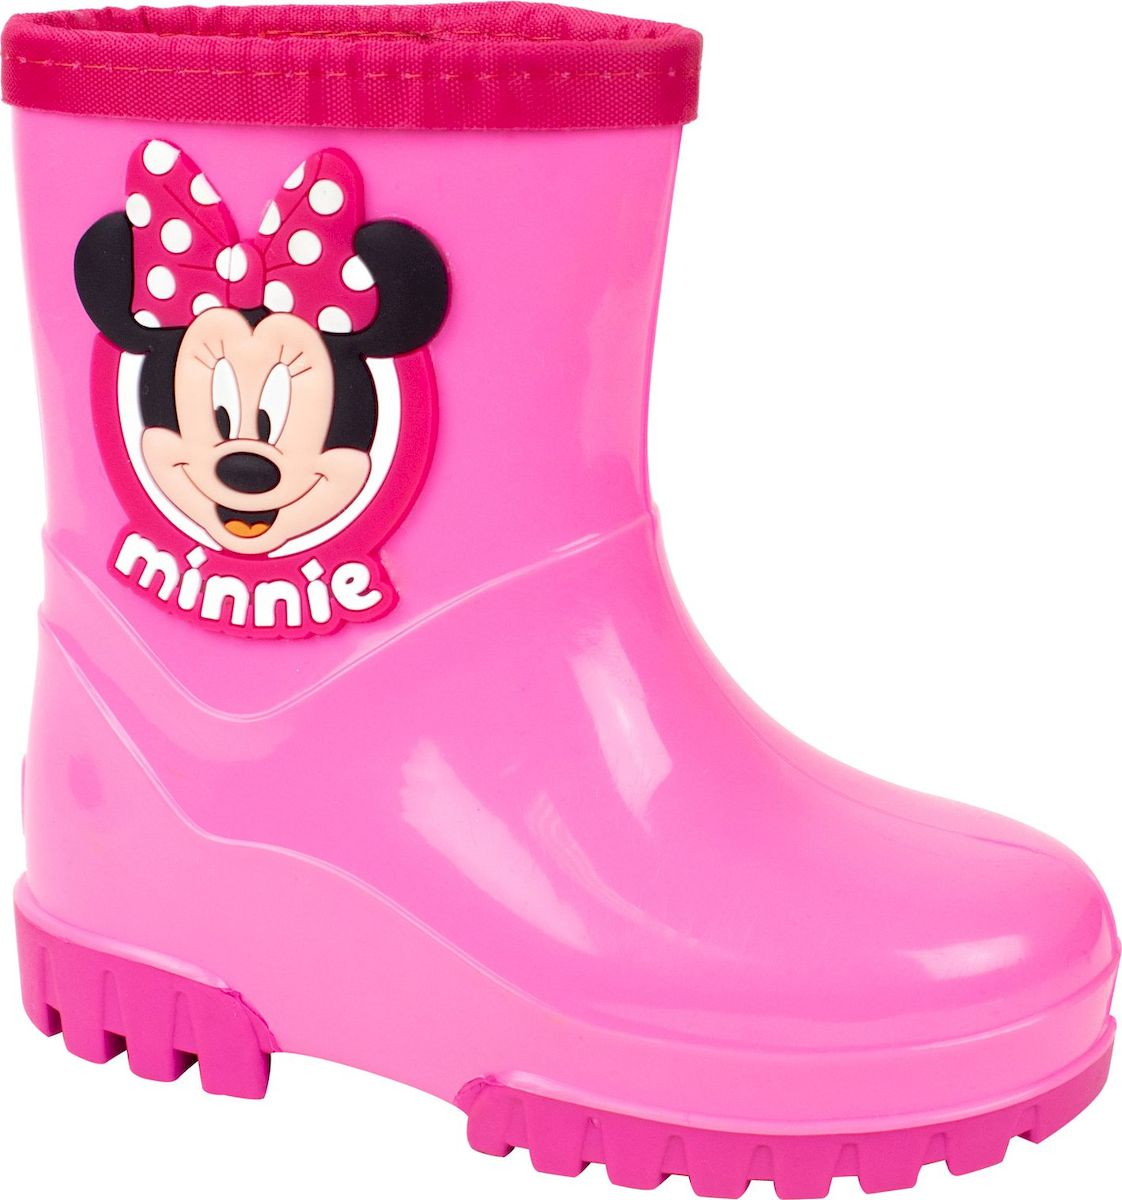 Резиновые сапоги для девочки Lets, цвет: розовый. DRK00490-16-1762. Размер 34DRK00490-16-1762Резиновые сапожки, дублированные мягким ворсином, помогут сохранить ножки сухими в самый дождливый день. Рекомендуем!